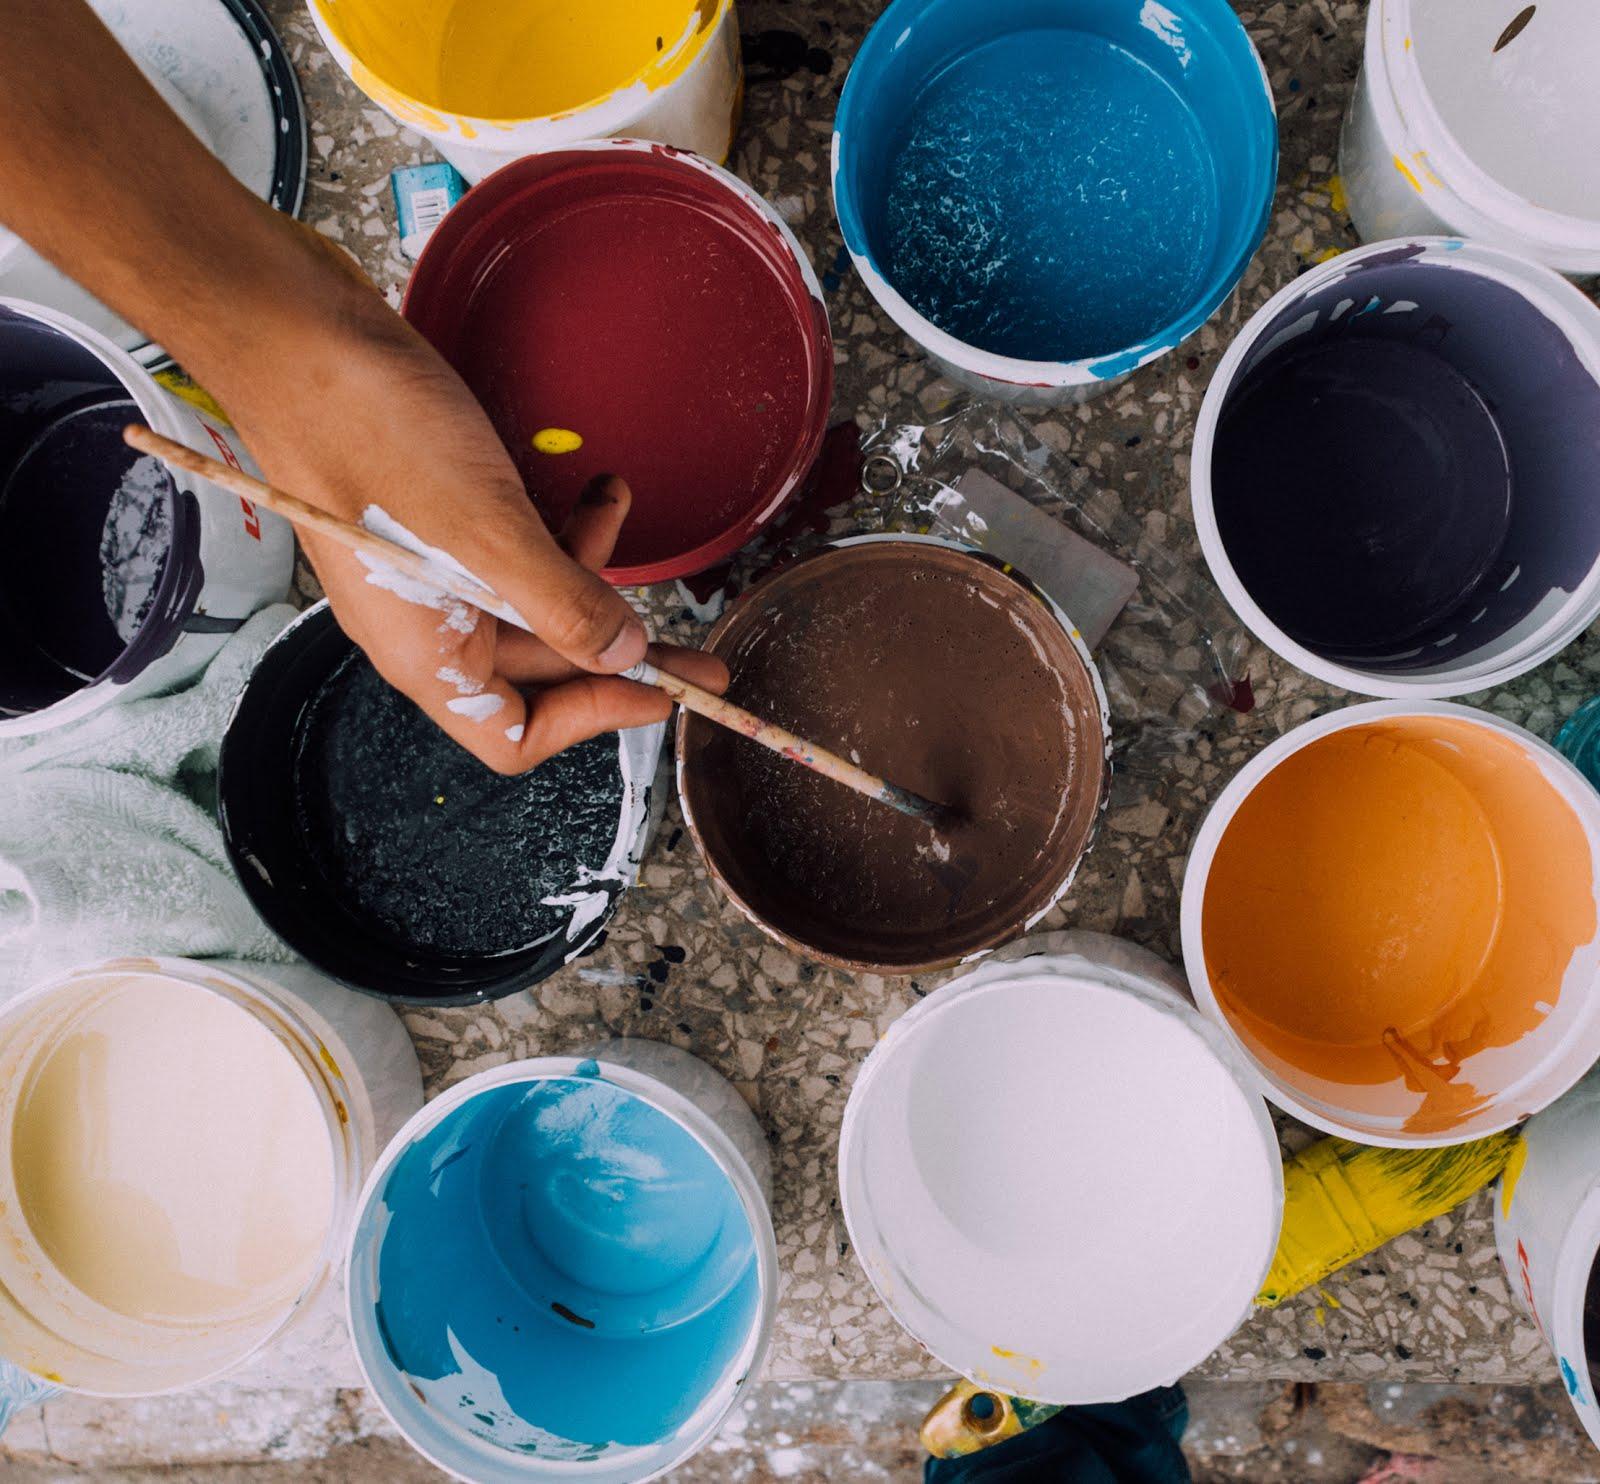 Se devi scegliere il nuovo colore per la tua casa o per un progetto edile, affidati all'esperienza e professionalità del nostro staff da frisanco. Spazioibrido Come Scegliere Le Pitture Da Interni